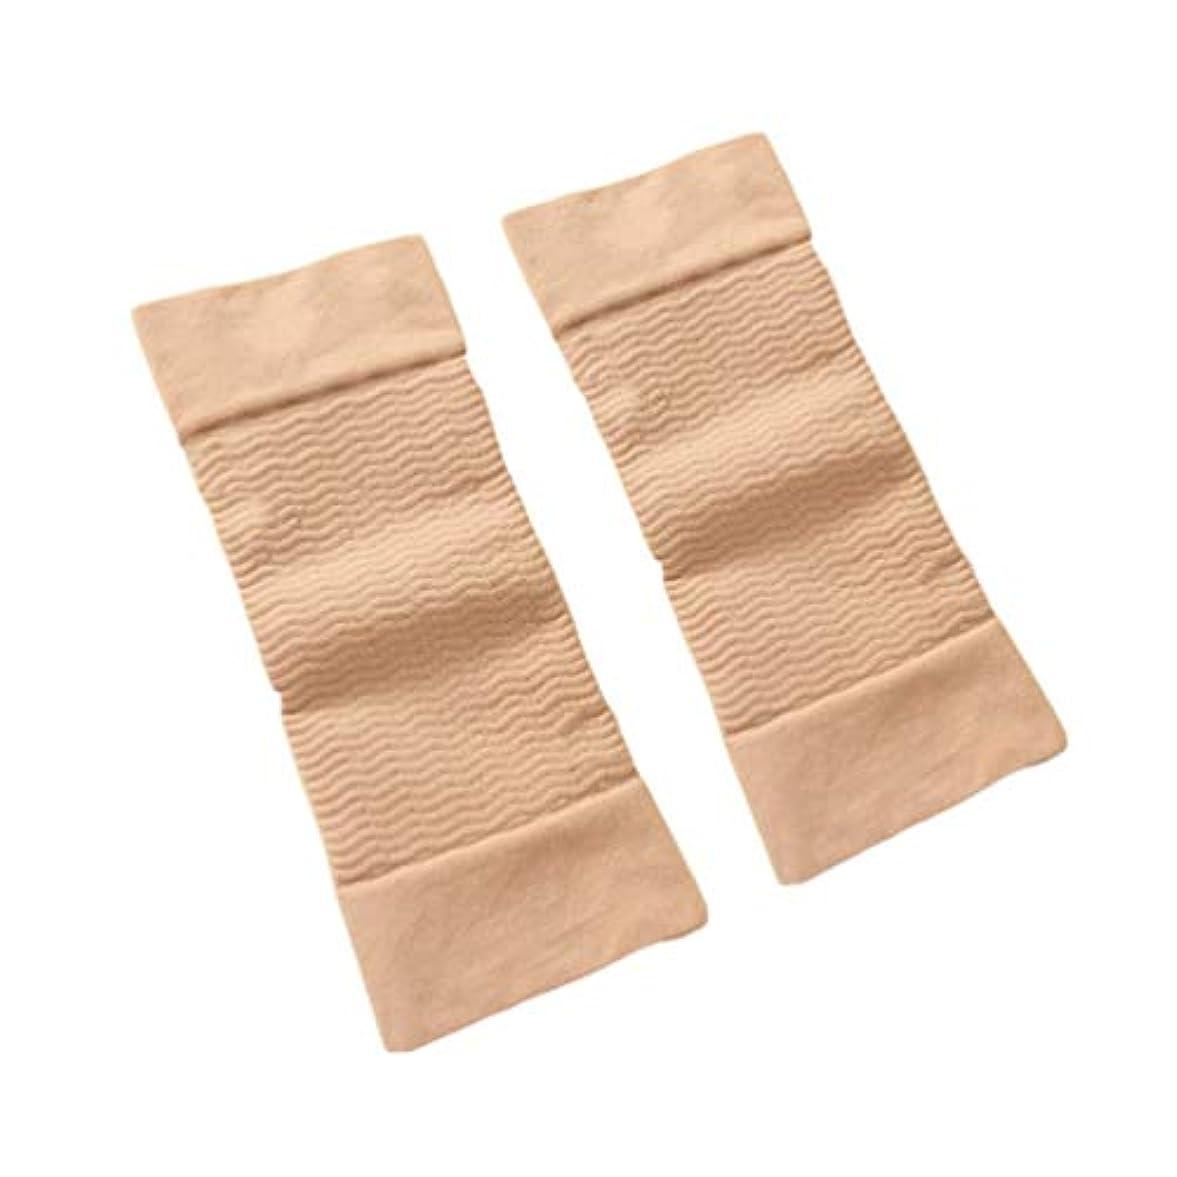 計画的ポインタ帳面1ペア420 D圧縮痩身アームスリーブワークアウトトーニングバーンセルライトシェイパー脂肪燃焼袖用女性 - 肌色